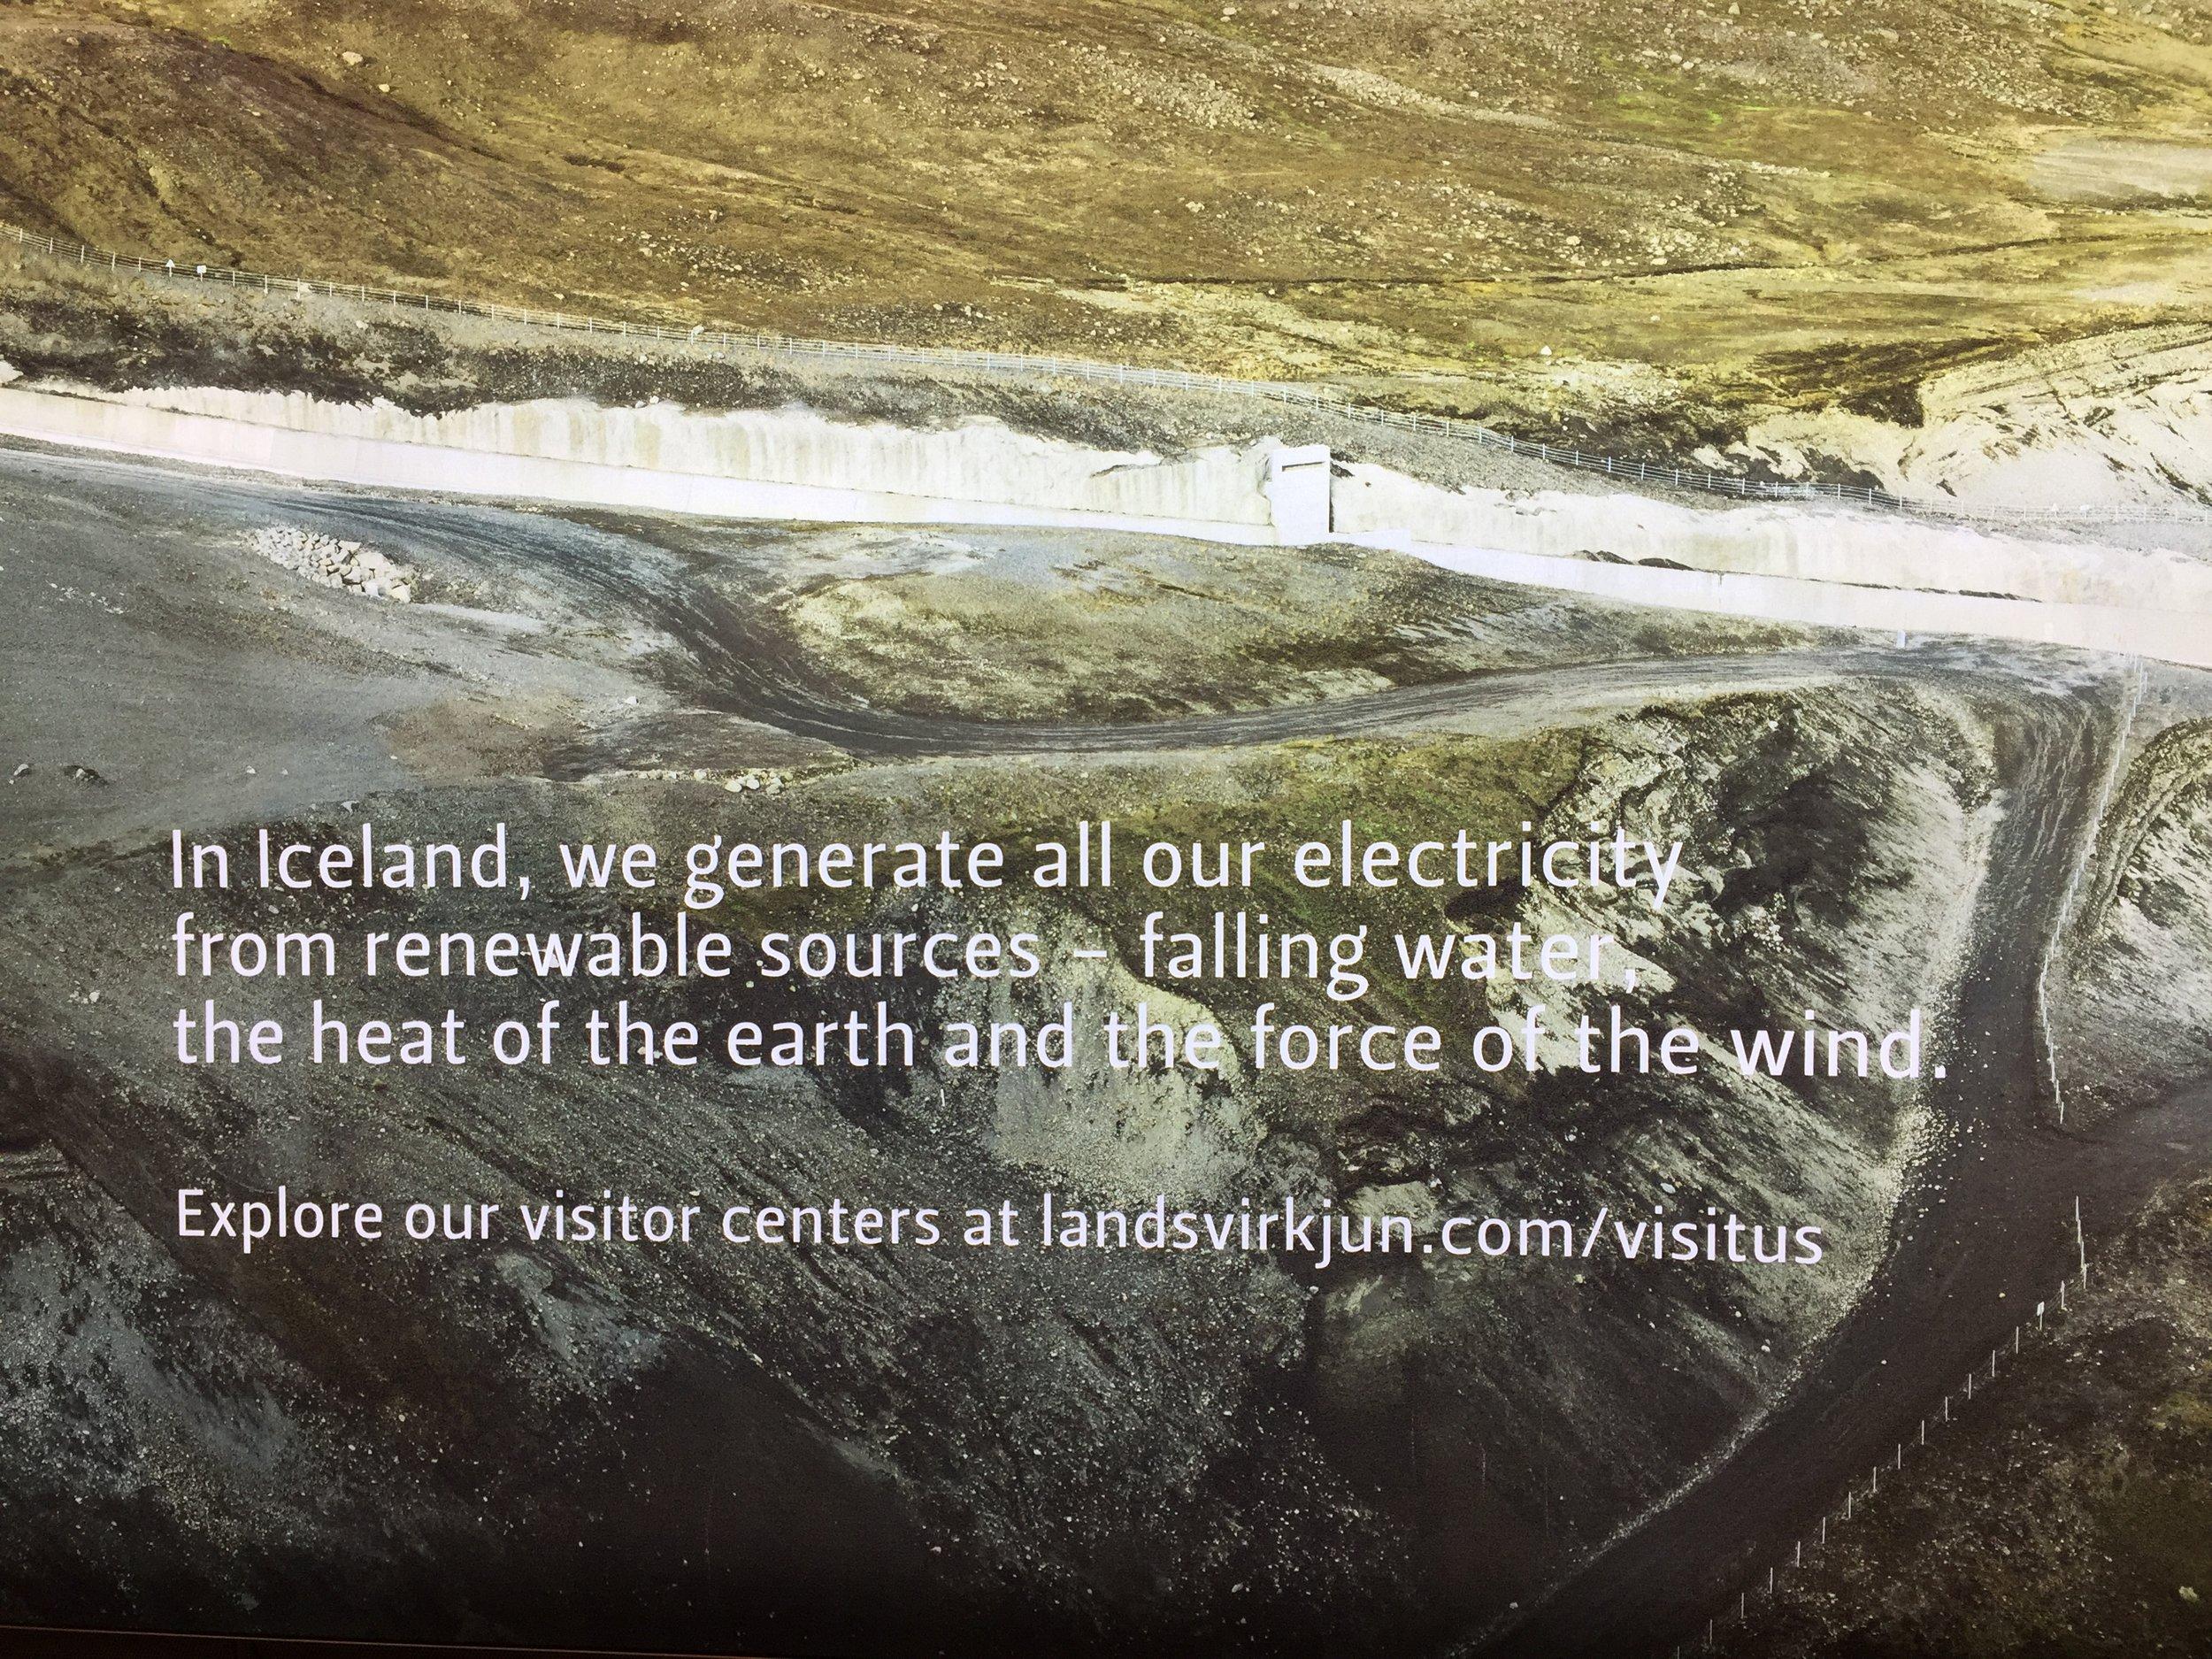 iceland-renewable-energy